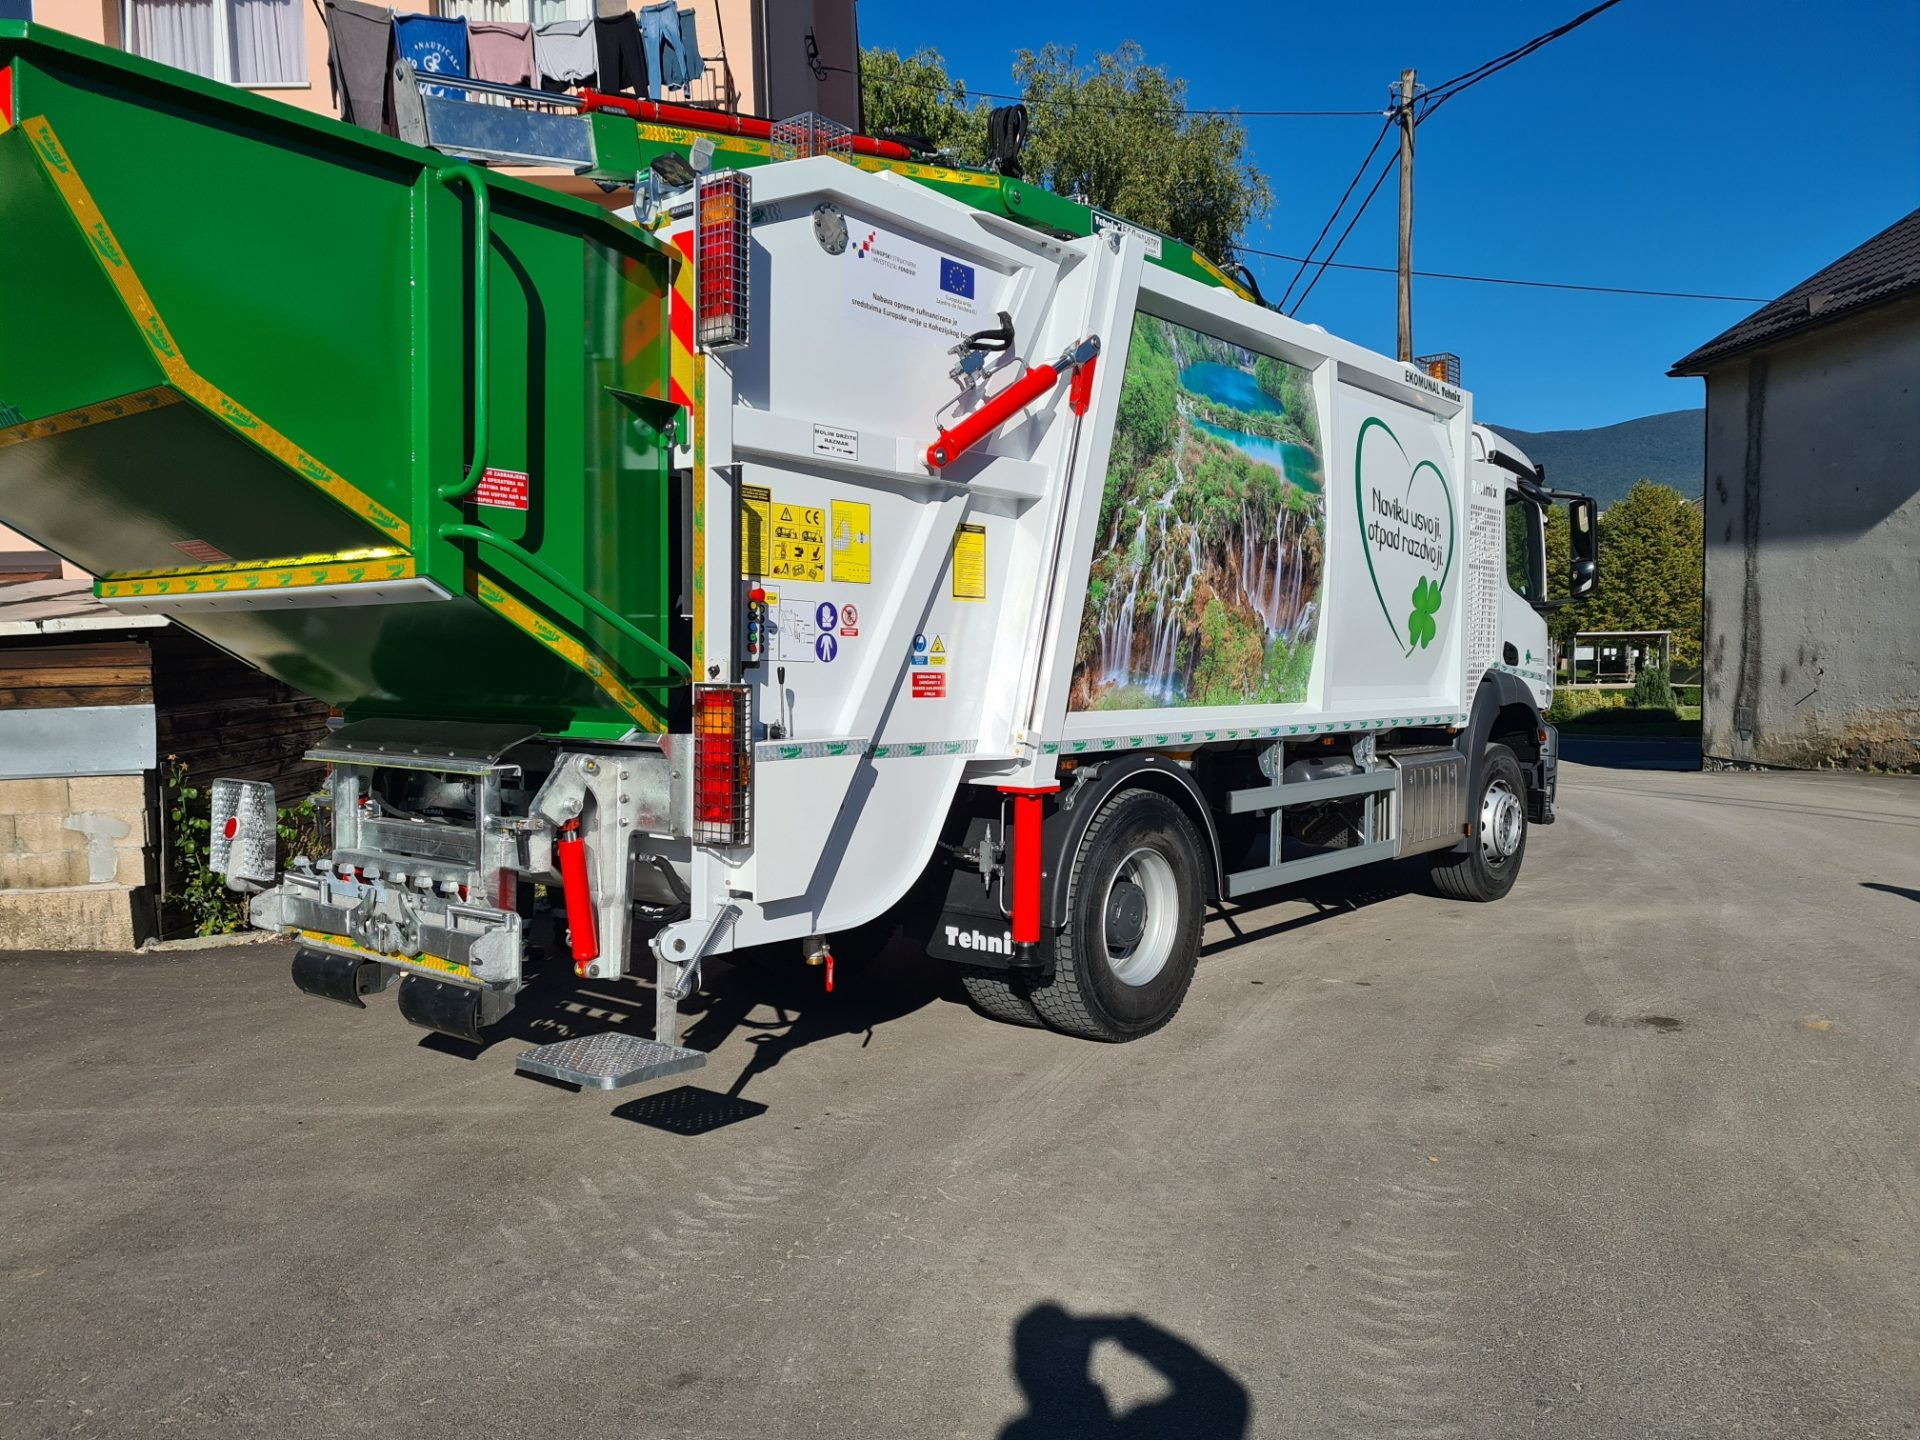 Delivery for Komunalac d.o.o. Korenica